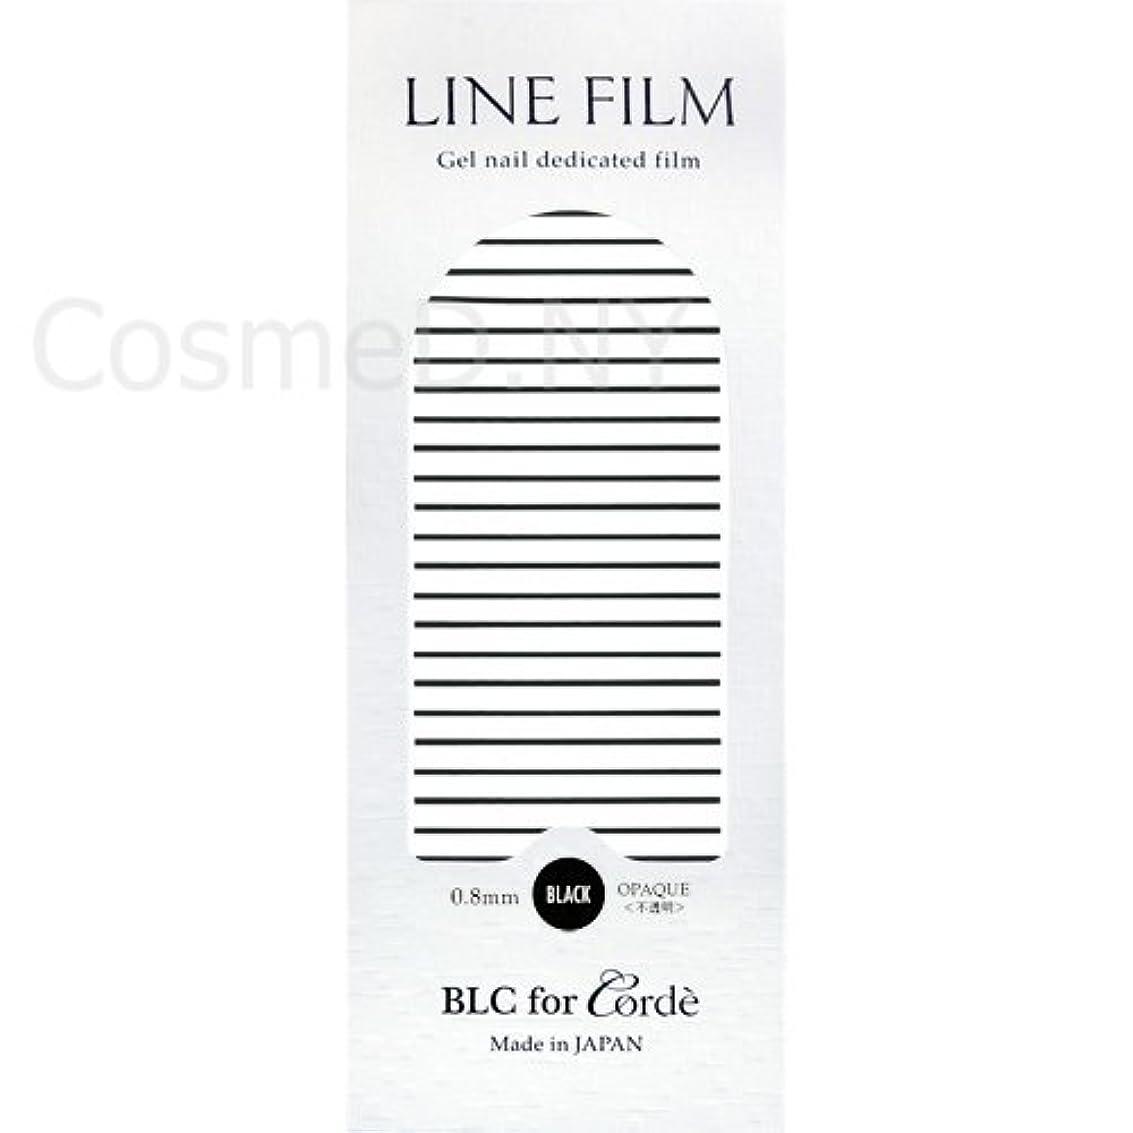 サンドイッチ解読する自動化BLC for Corde(ビーエルシーフォーコーデ)ラインフィルム ブラック 0.8mm【ネイルアート、ネイルシール】